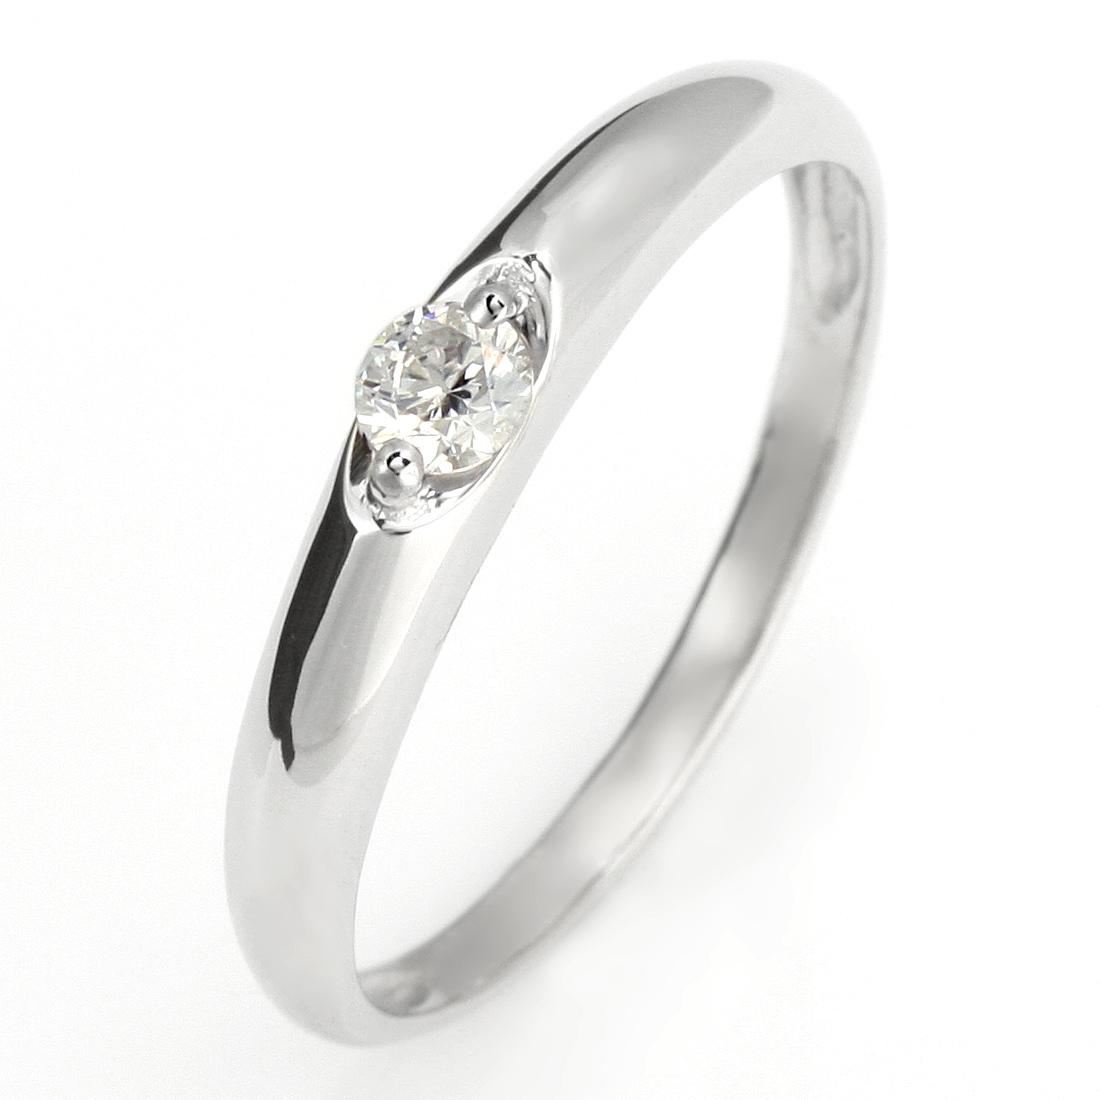 ペアリング 結婚指輪 マリッジリング プラチナ リング ダイヤモンド 4月 誕生石【DEAL】